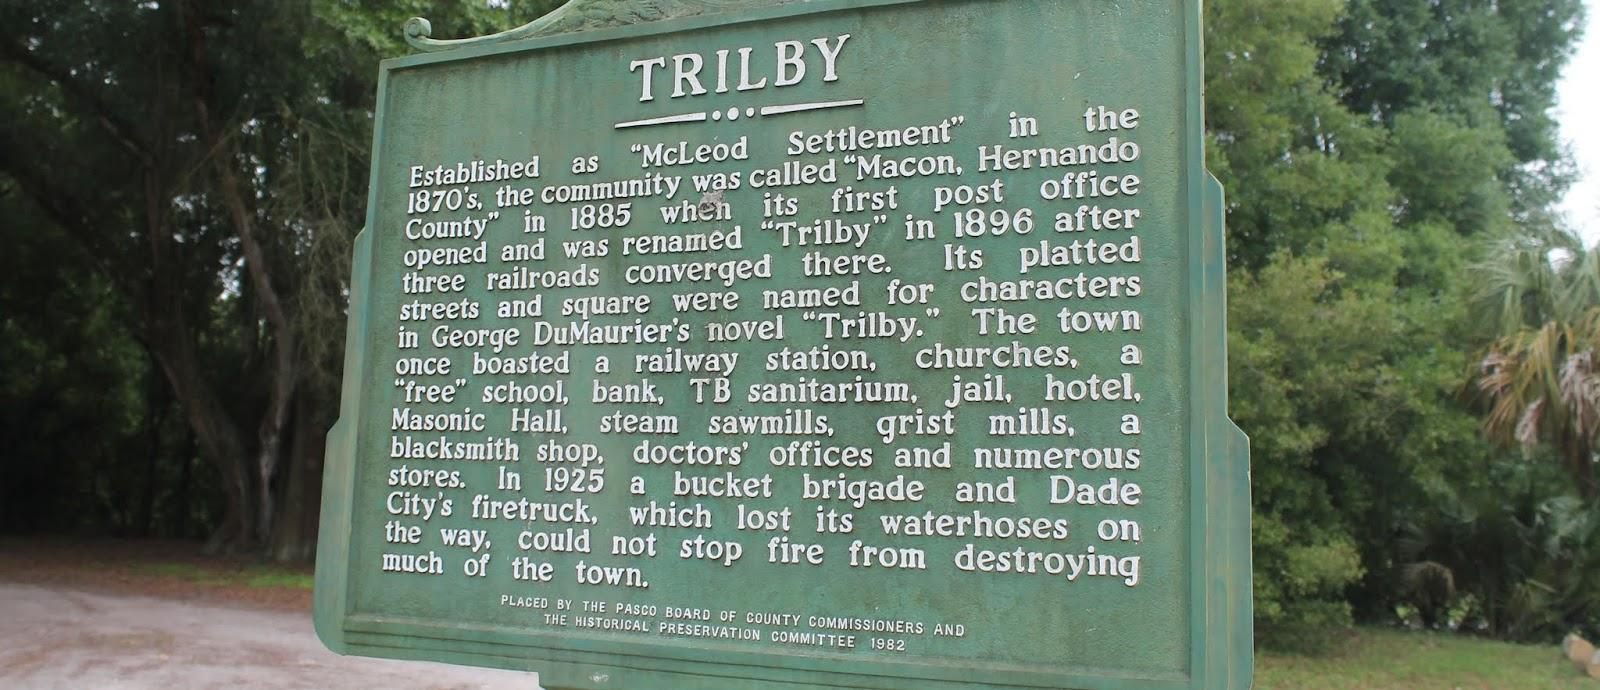 Marcador histórico al llegar a Trilby